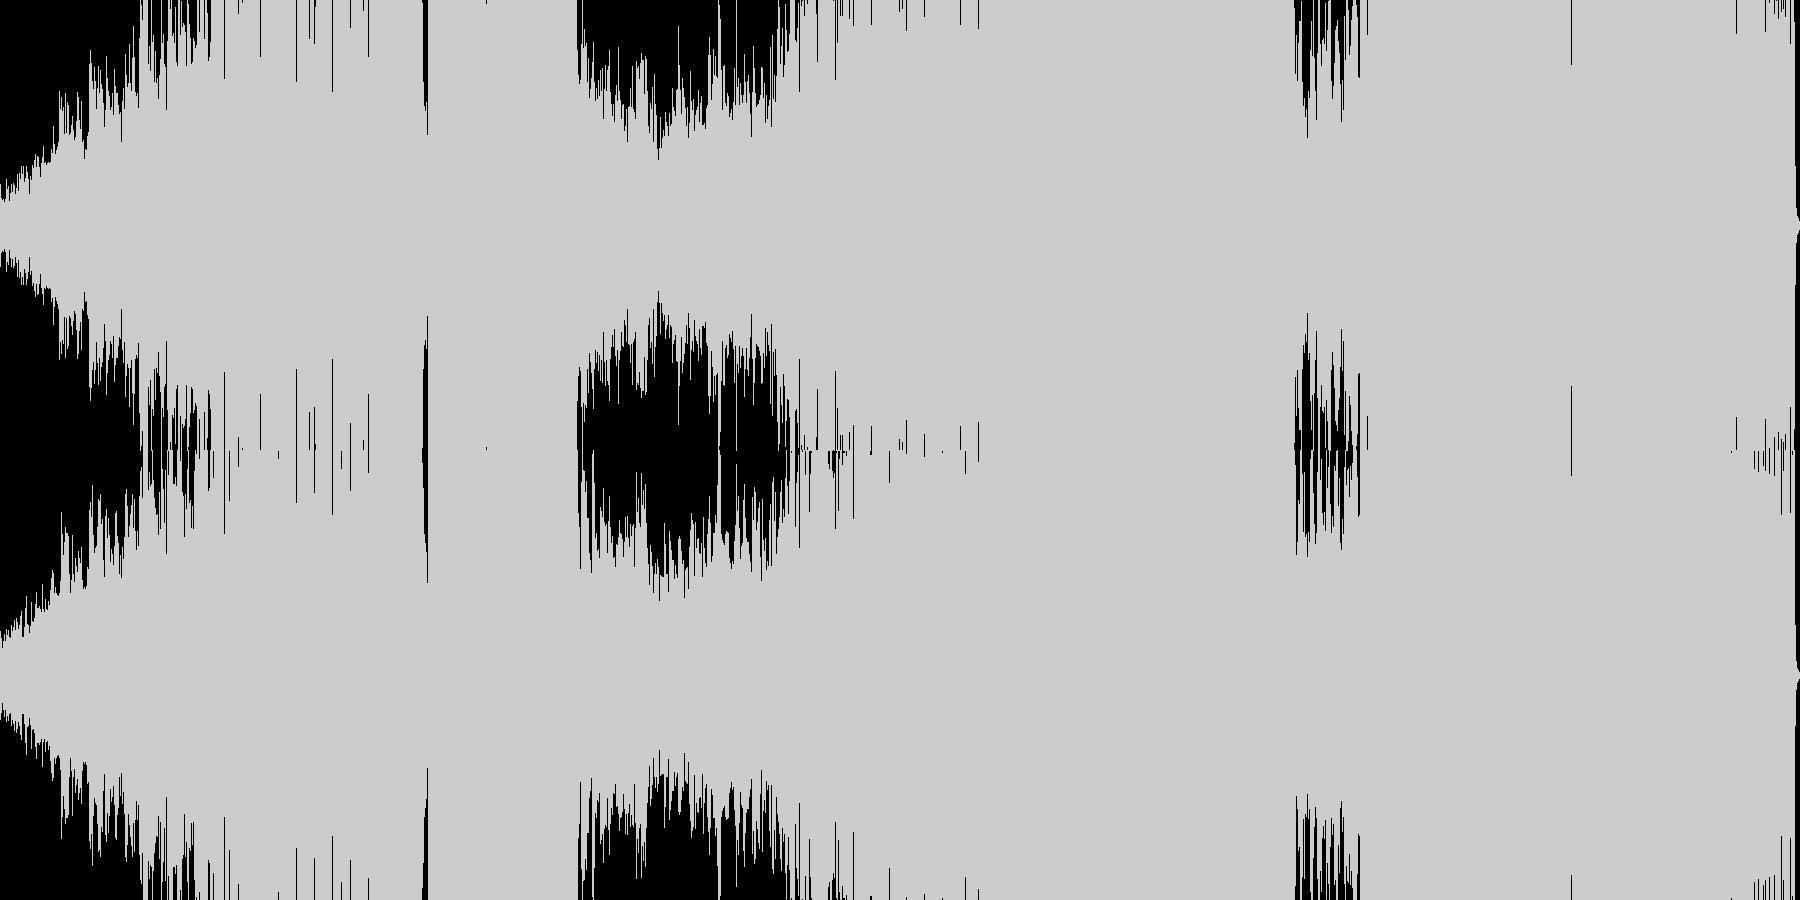 メロディアスなハウスサウンドの未再生の波形